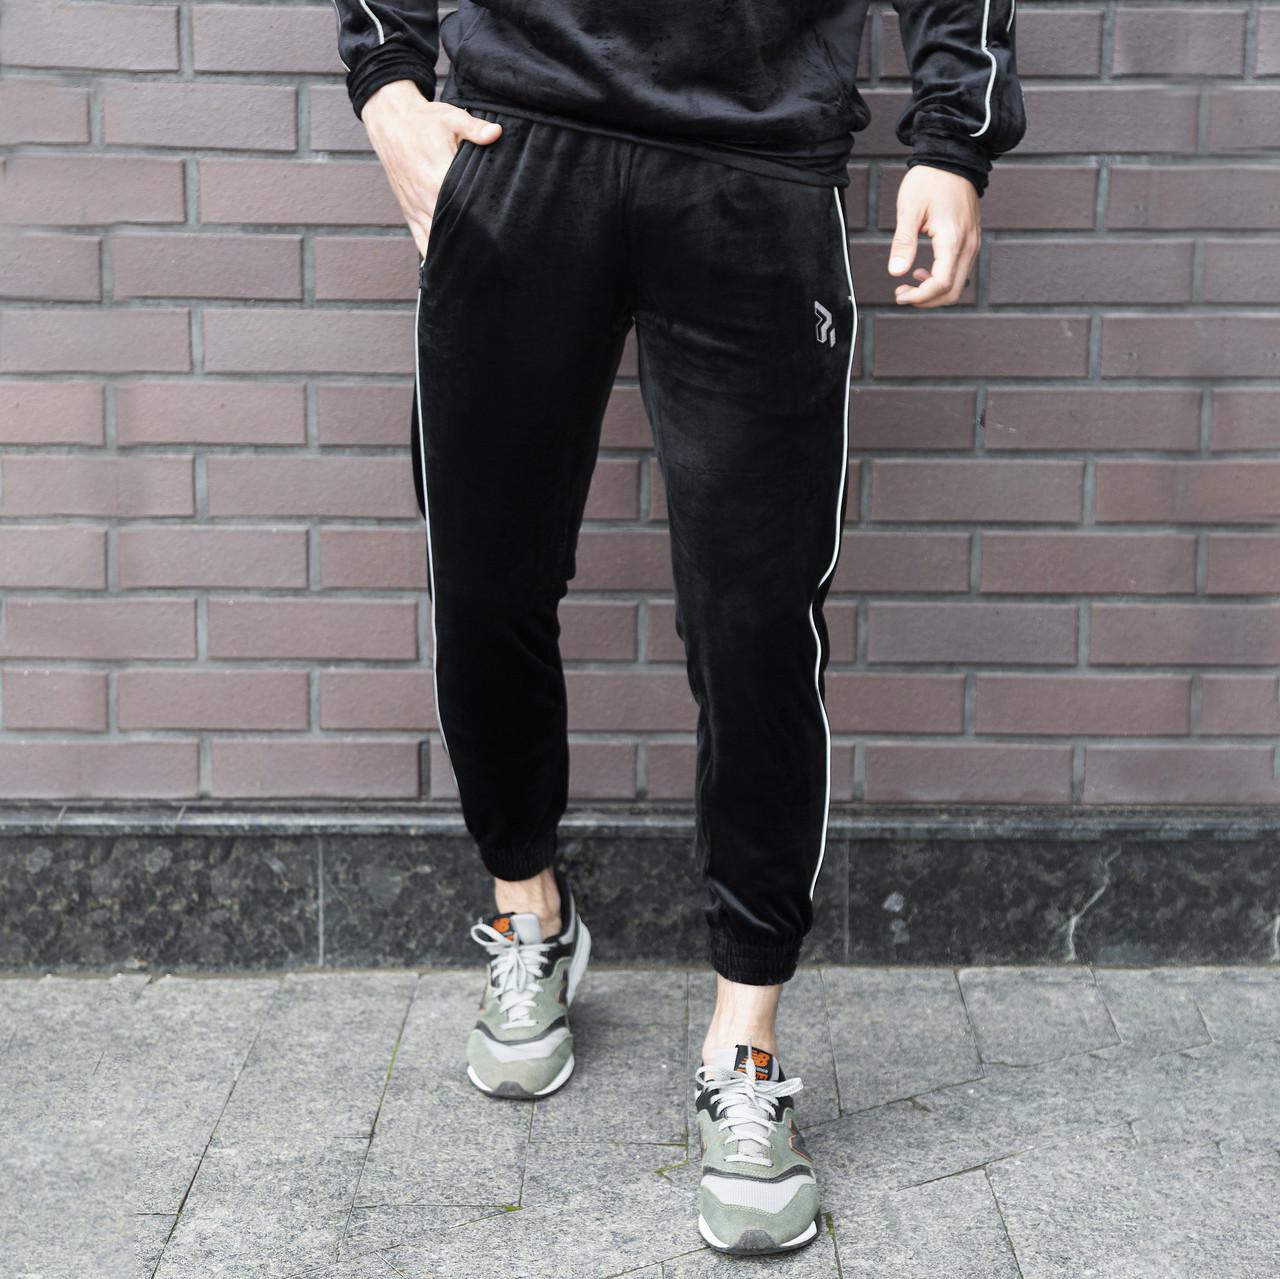 Спортивные штаны велюровые Огонь Пушка Flat черные